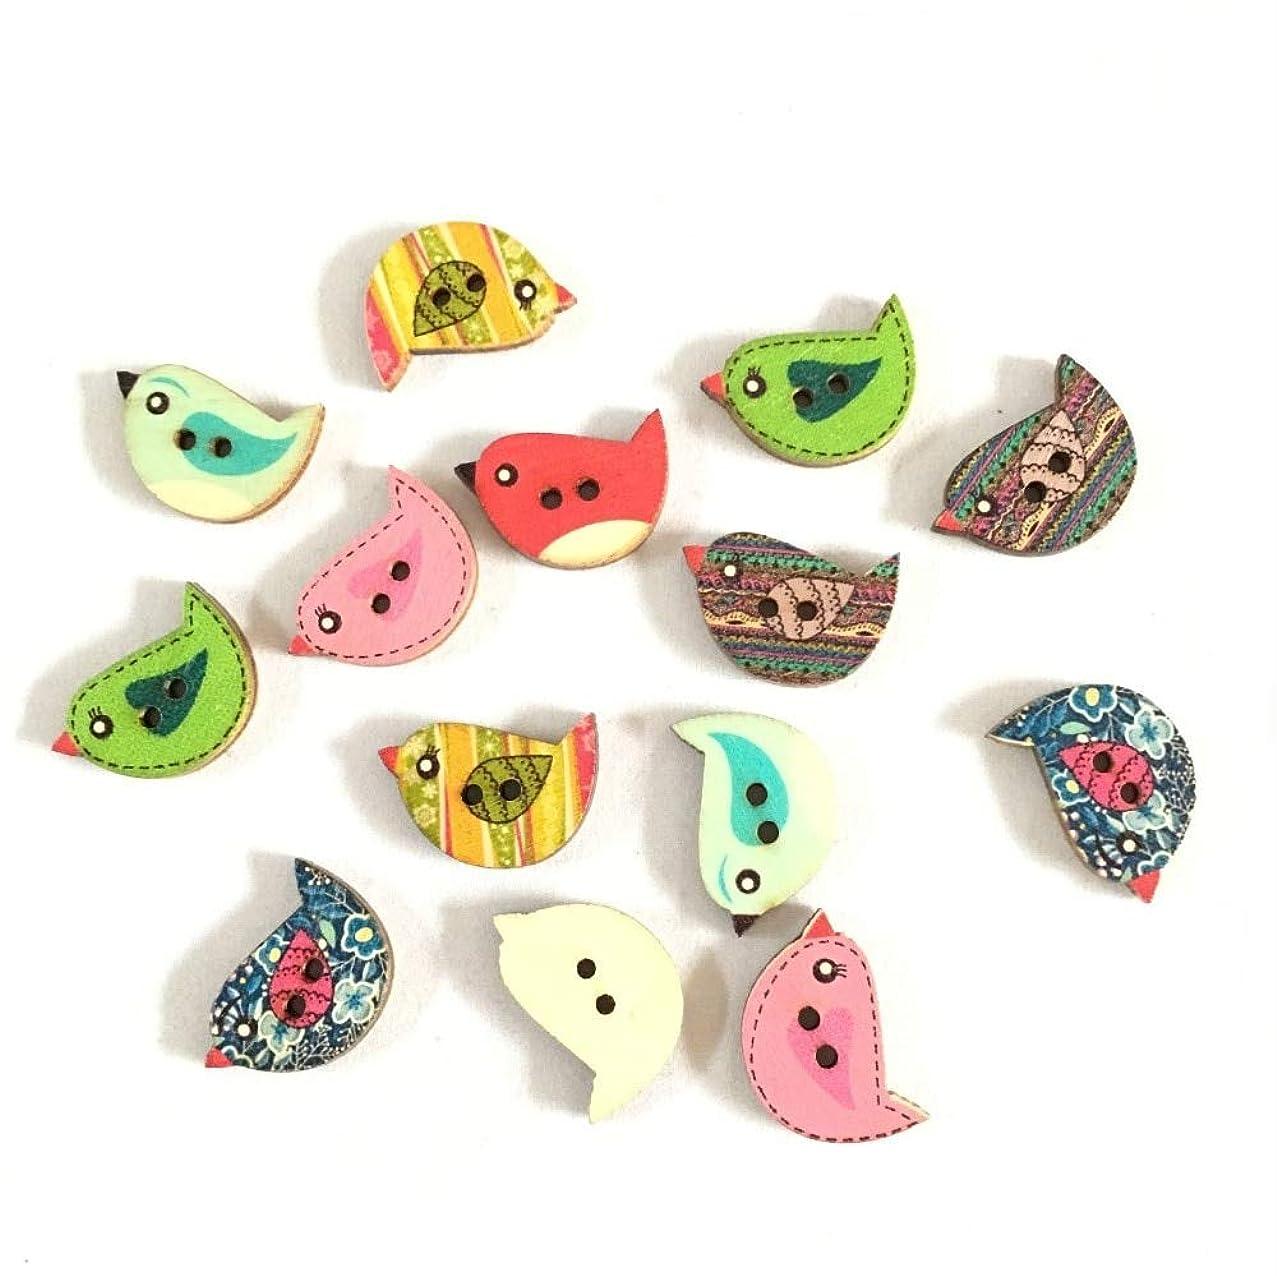 リブ換気する時刻表Propenary - 50pcsのミックス木製ボタンのかわいい鳥のパターンDecoratiラウンド2つの穴木製縫製するためのボタン、DIY、衣料品アクセサリー